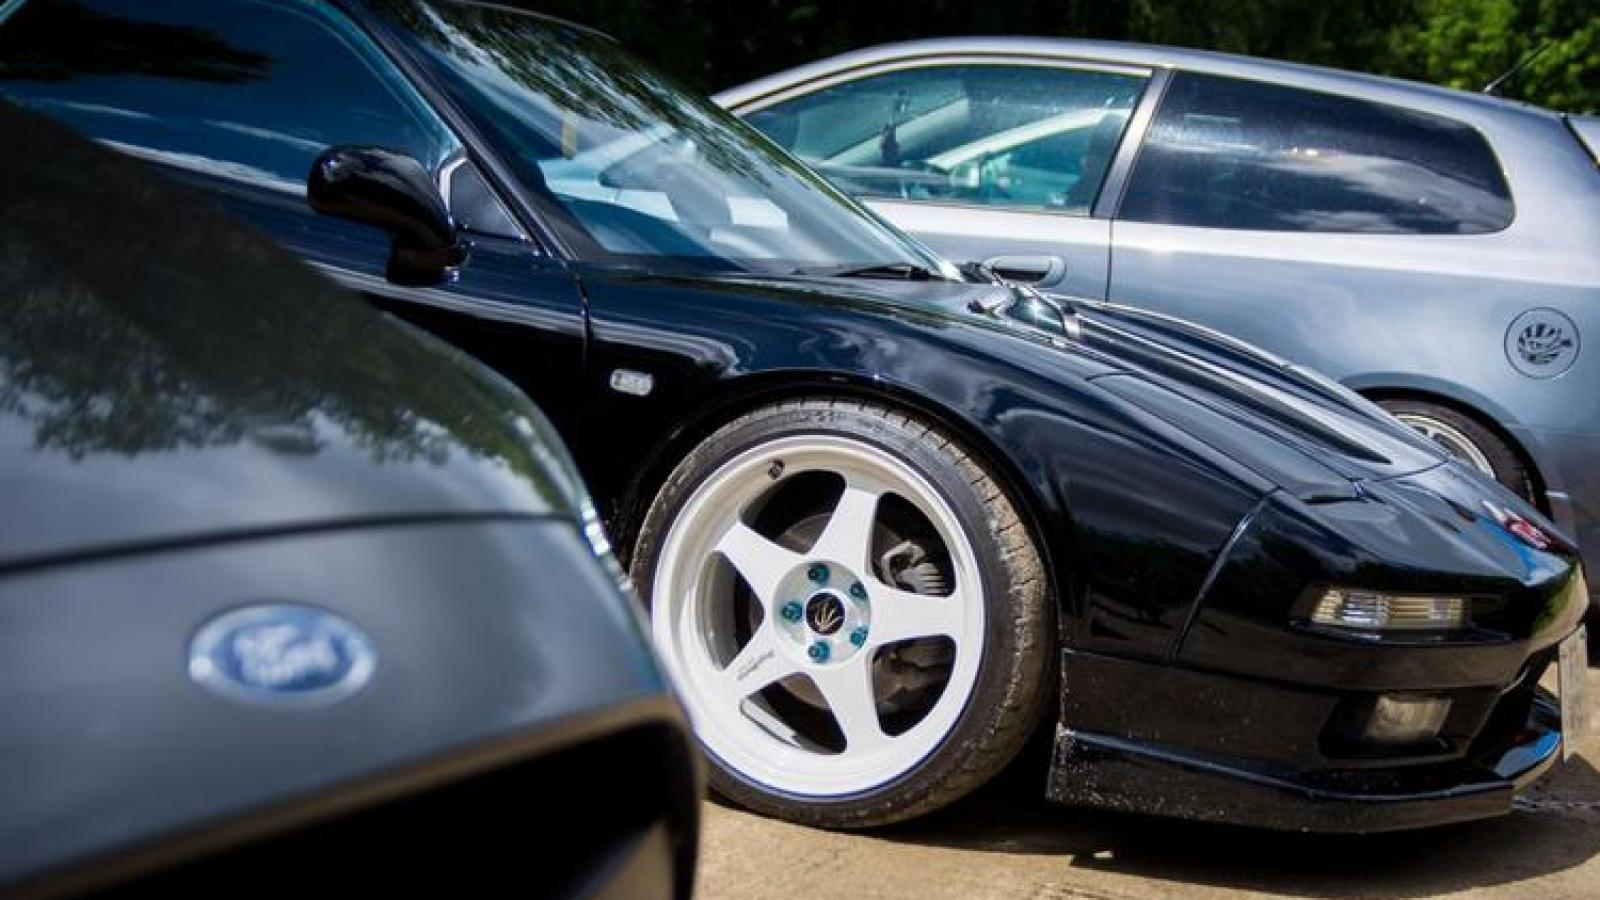 هوندا NSX - اجاره ماشین - اجاره خودرو - کرایه ماشین